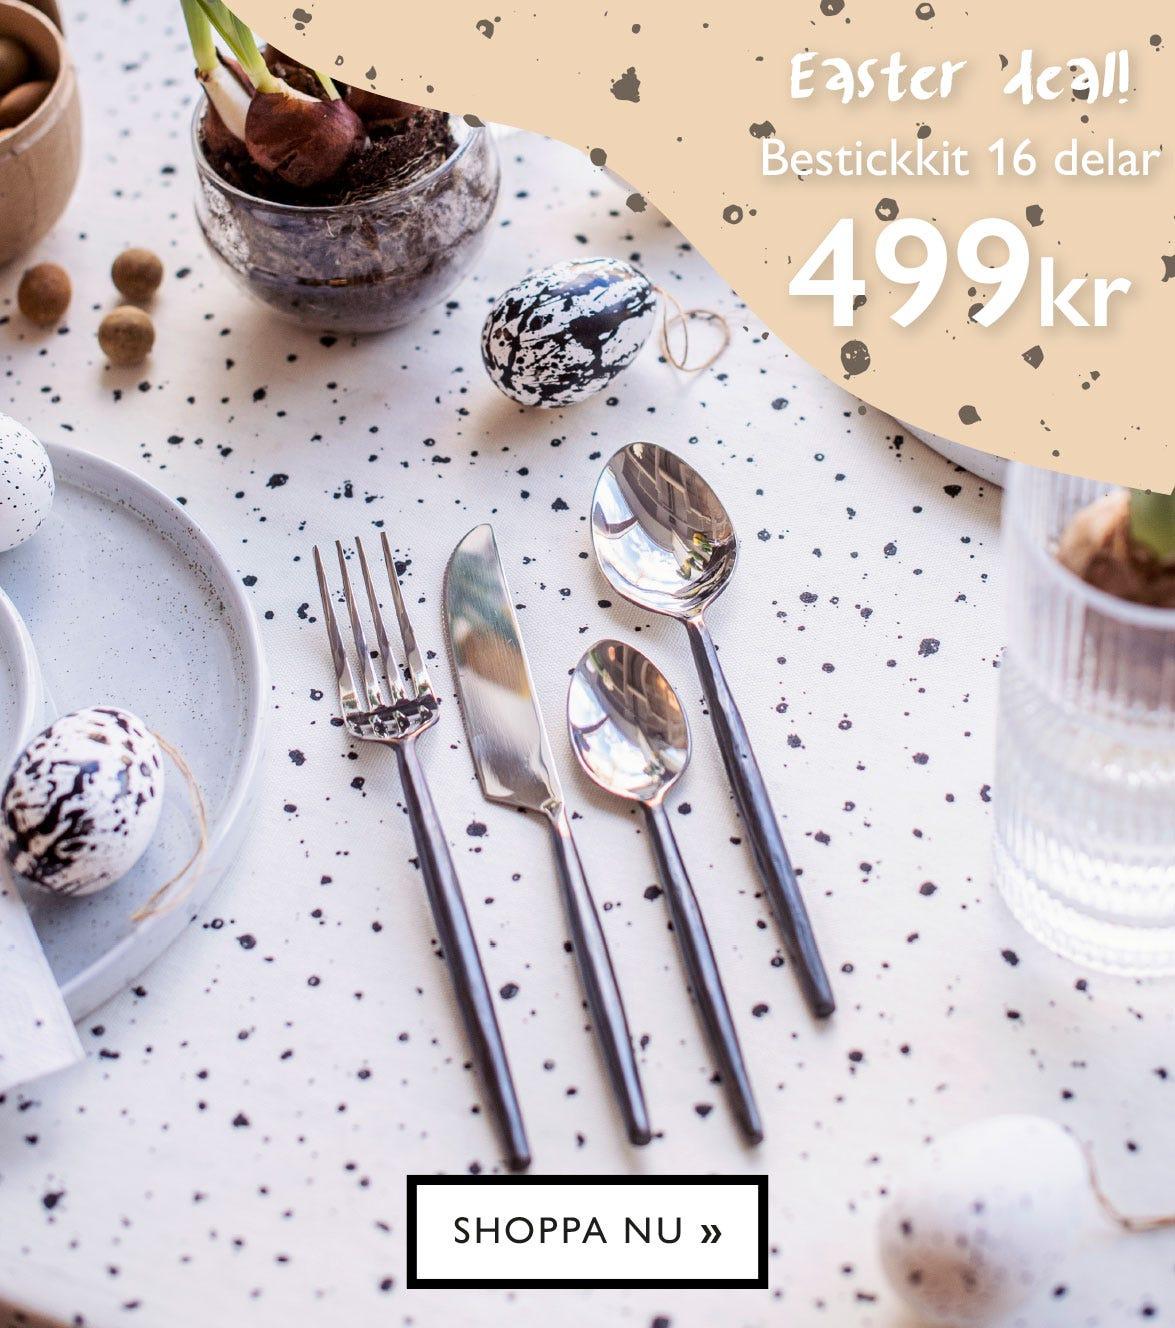 Easter deal! Bestickkit 16 delar 499 kr